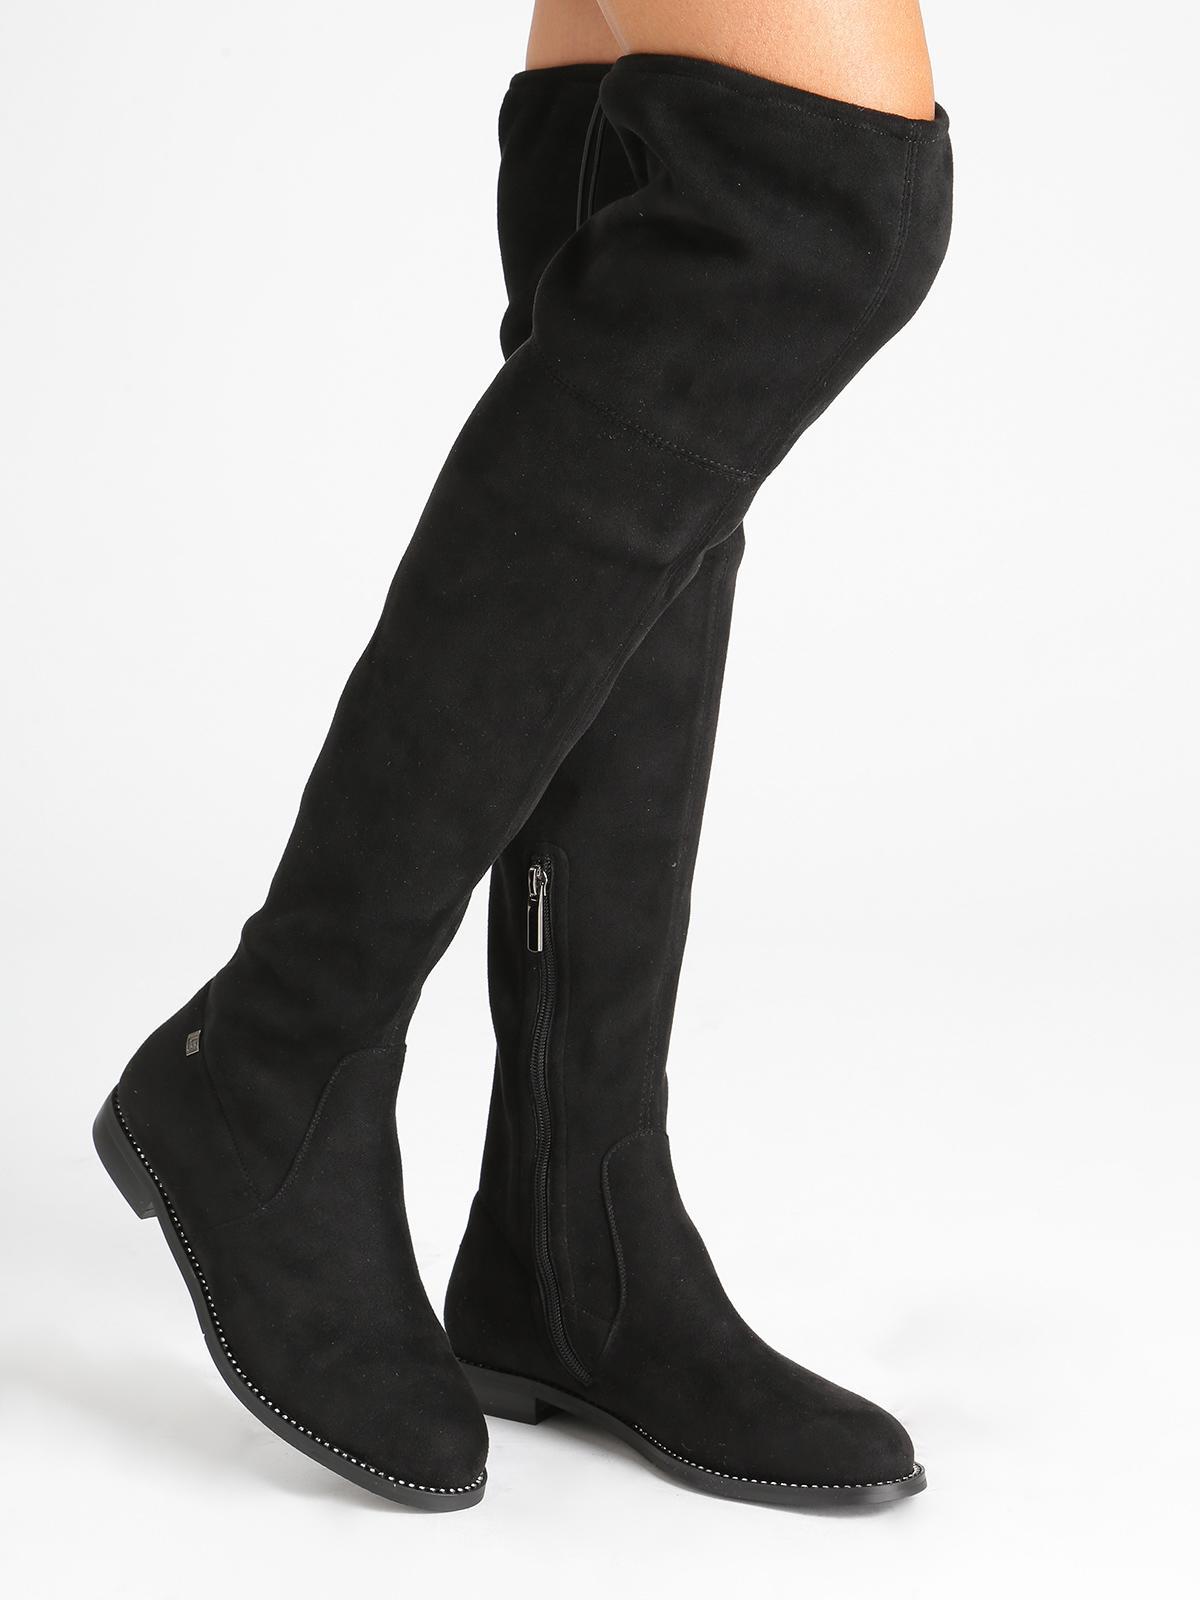 Stivali alti con strass laura biagiotti | MecShopping